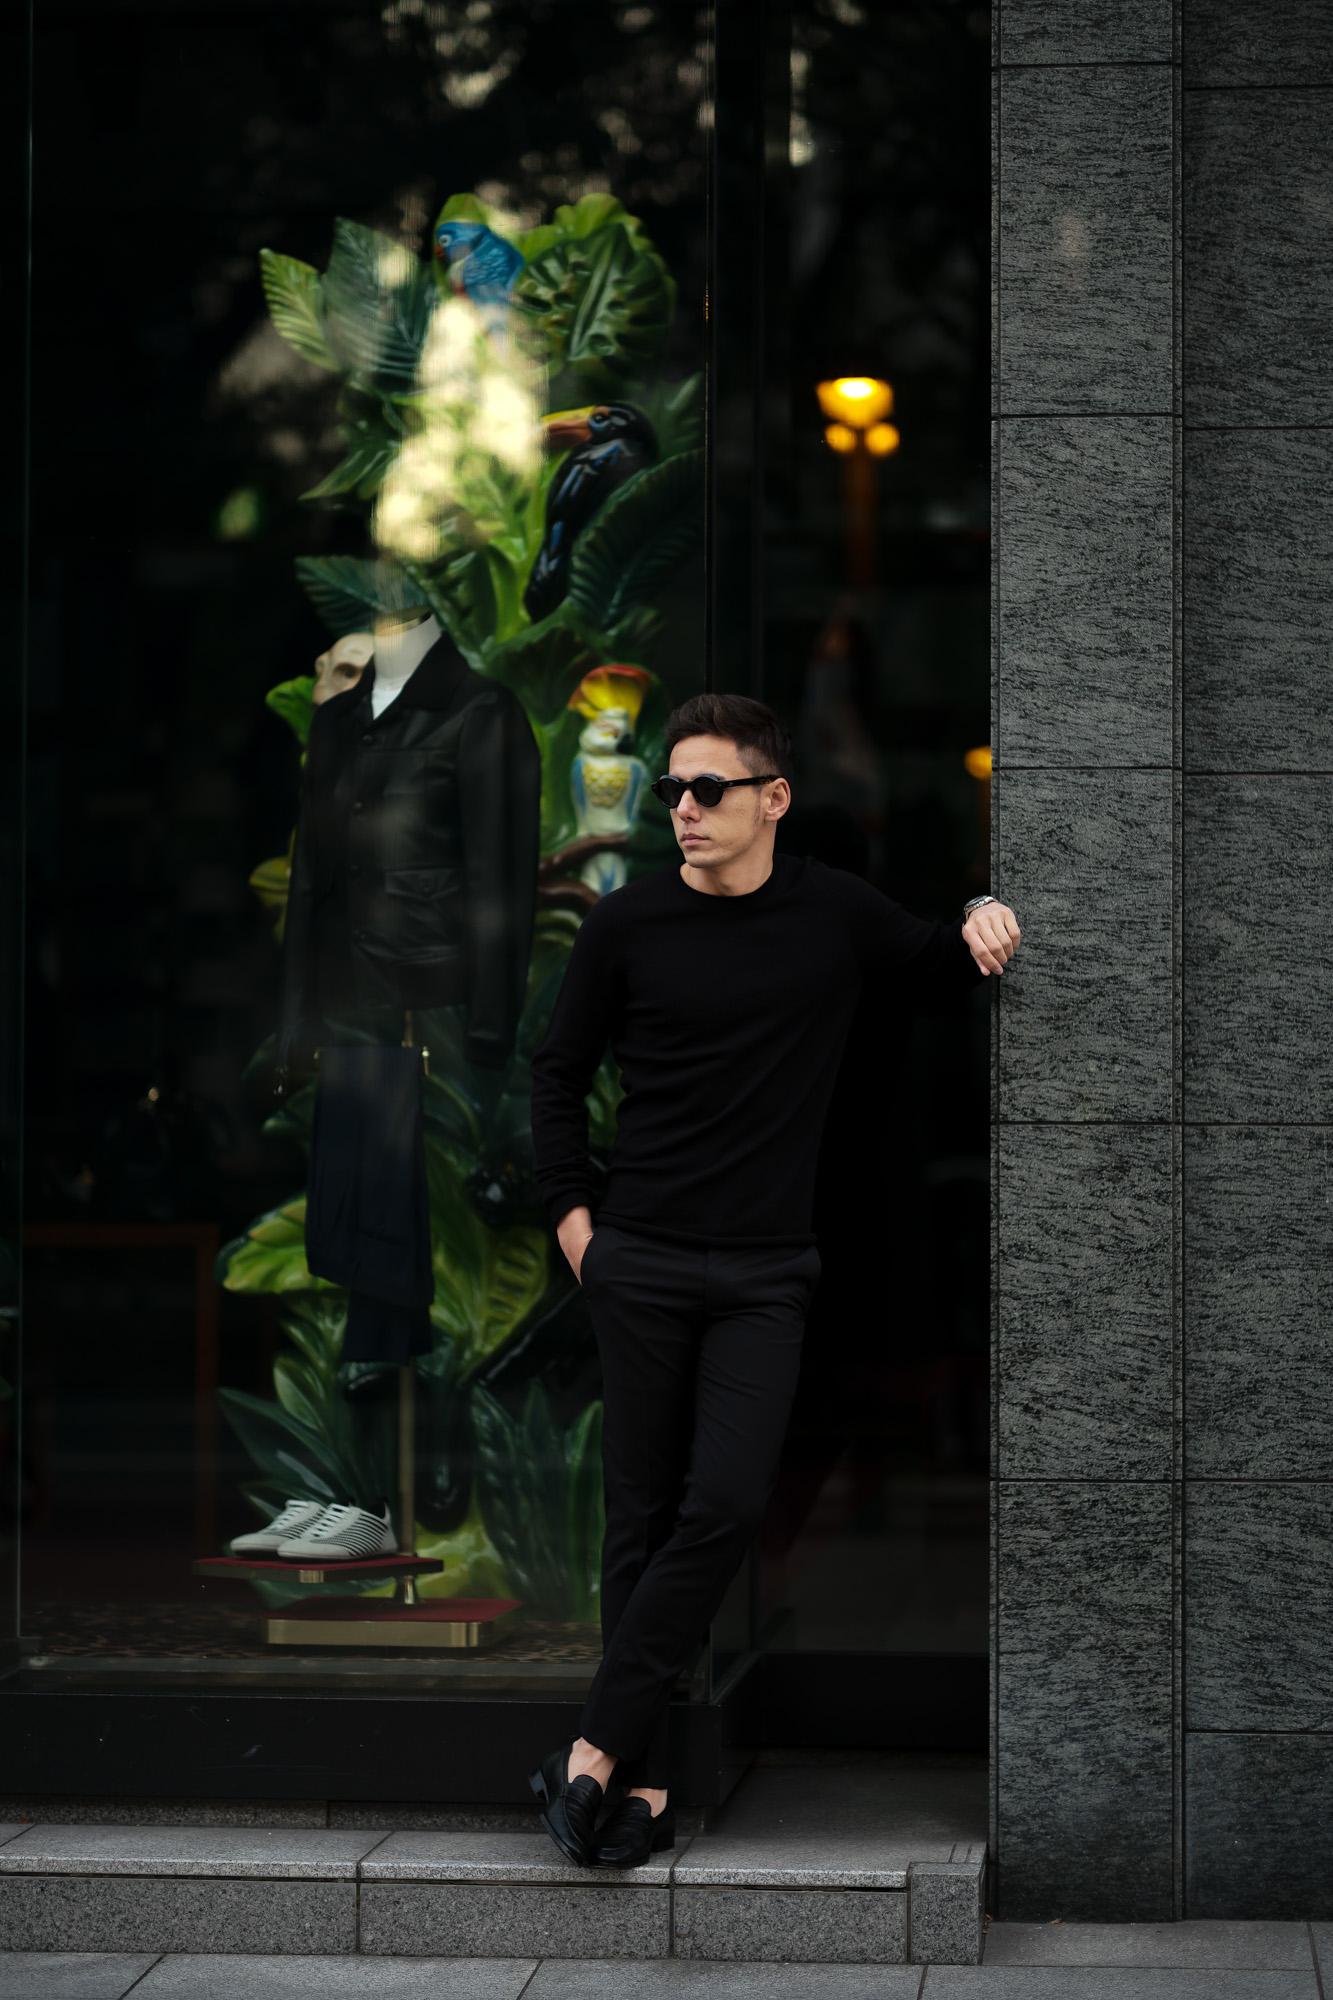 lucien pellat-finet(ルシアン ペラフィネ) Cashmere Crew Neck Sweater カシミア クルーネック セーター BLACK (ブラック) made in scotland (スコットランド製) 2020 春夏新作 愛知 名古屋 altoediritto アルトエデリット lucienpellatfinet インターシャ 無地